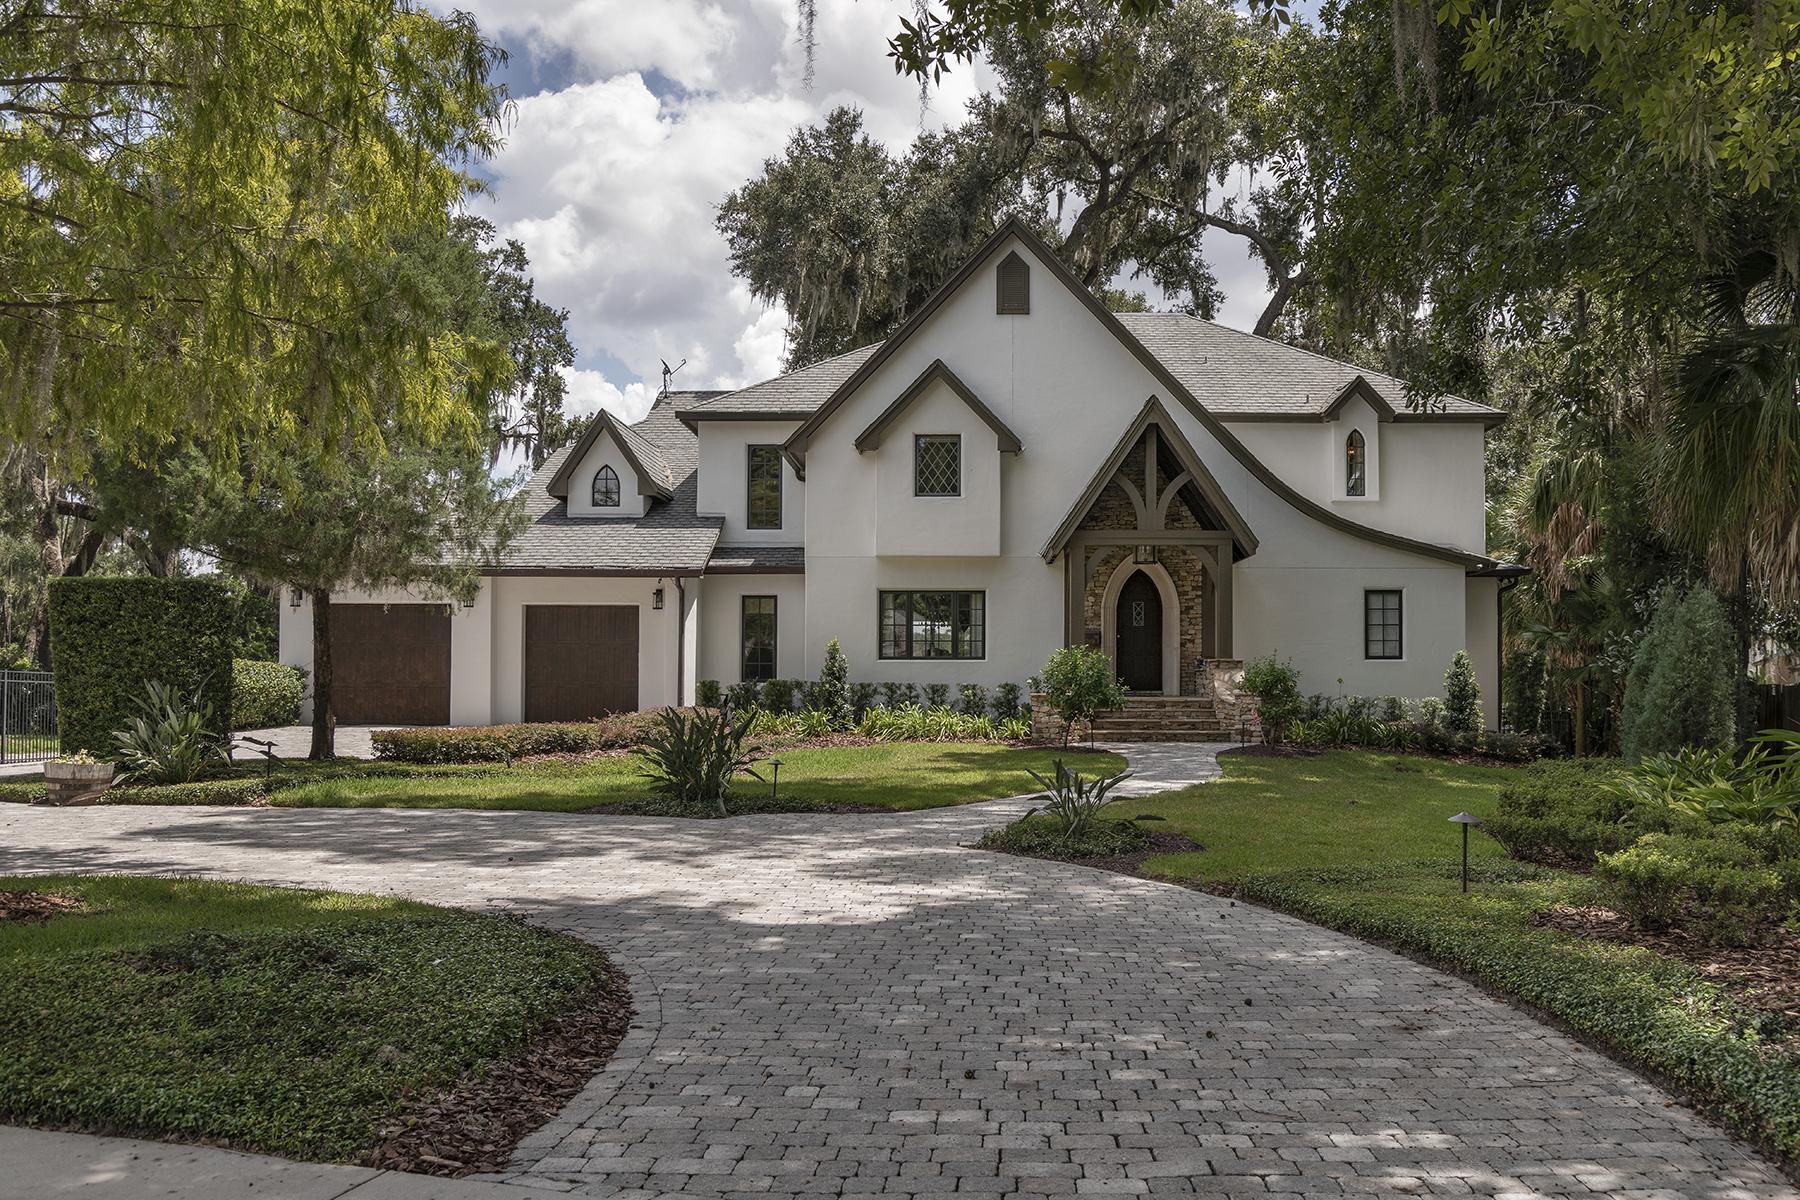 Single Family Homes için Satış at WINTER PARK 440 Henkel Cir, Winter Park, Florida 32789 Amerika Birleşik Devletleri